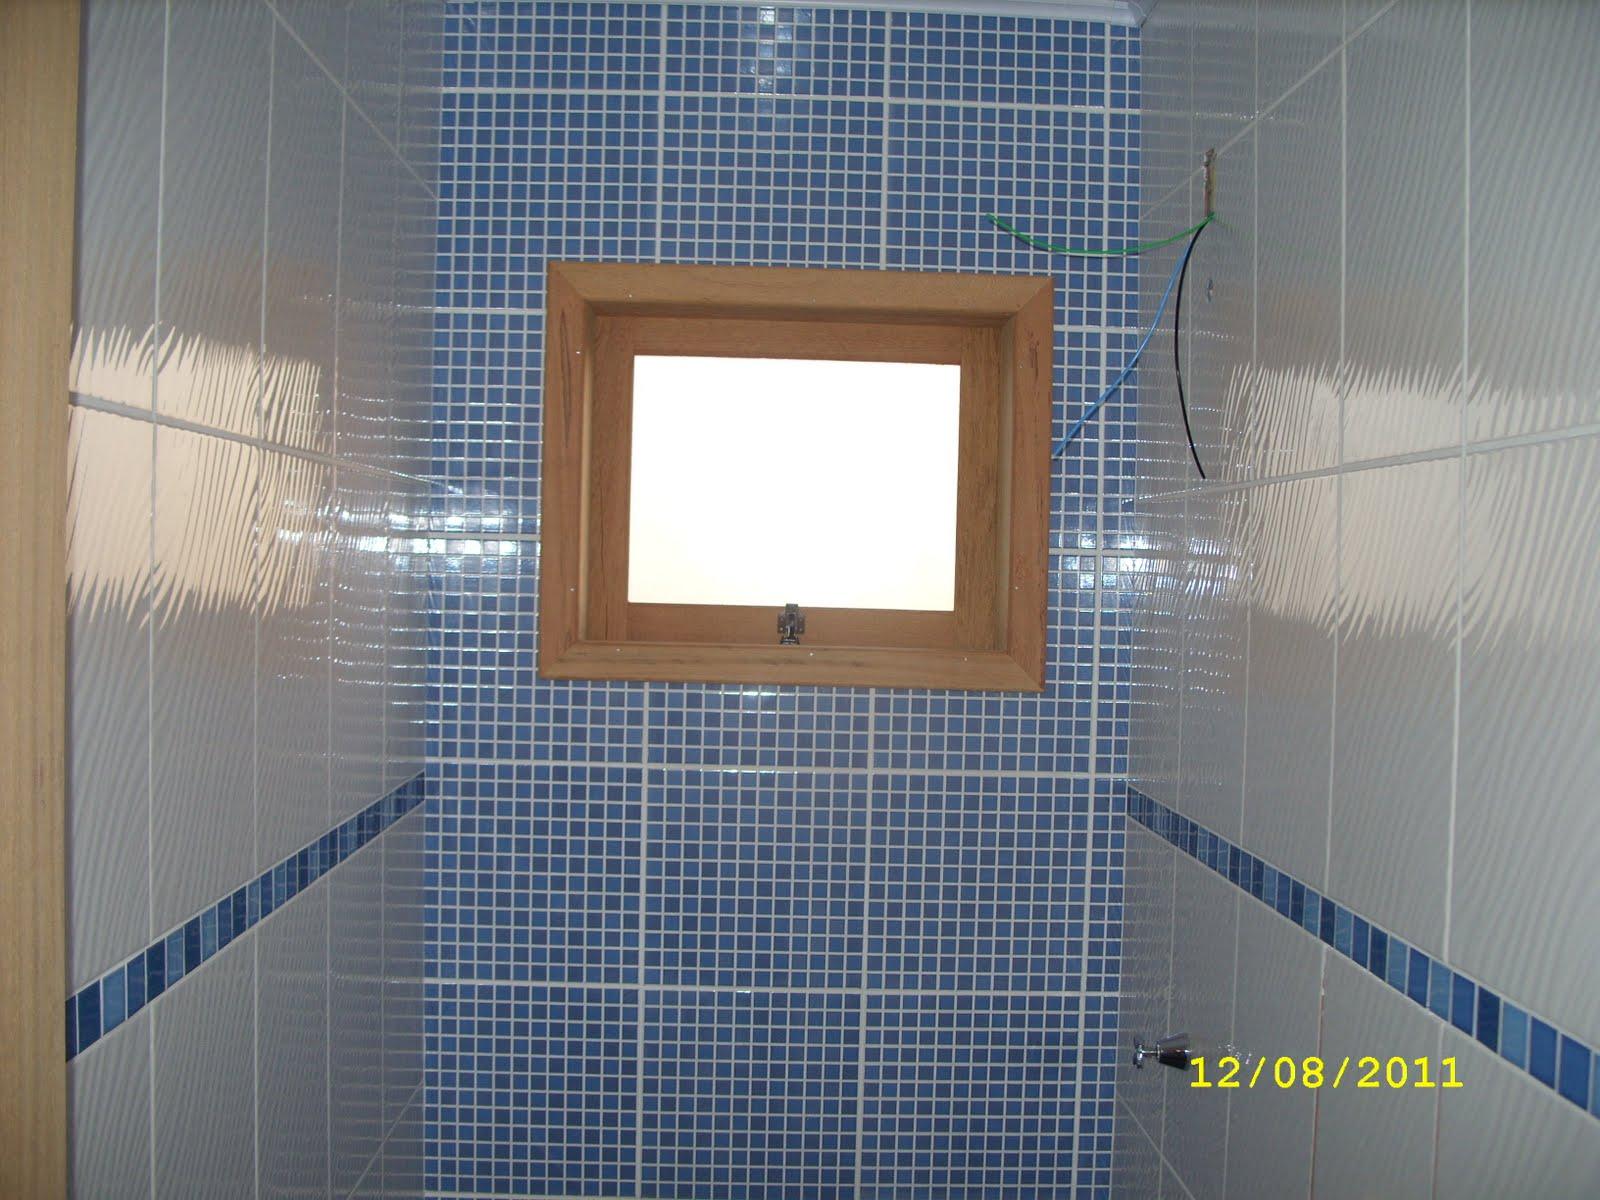 janela do banheiro porta do banheiro porta pivotante janela da #6F4E37 1600 1200